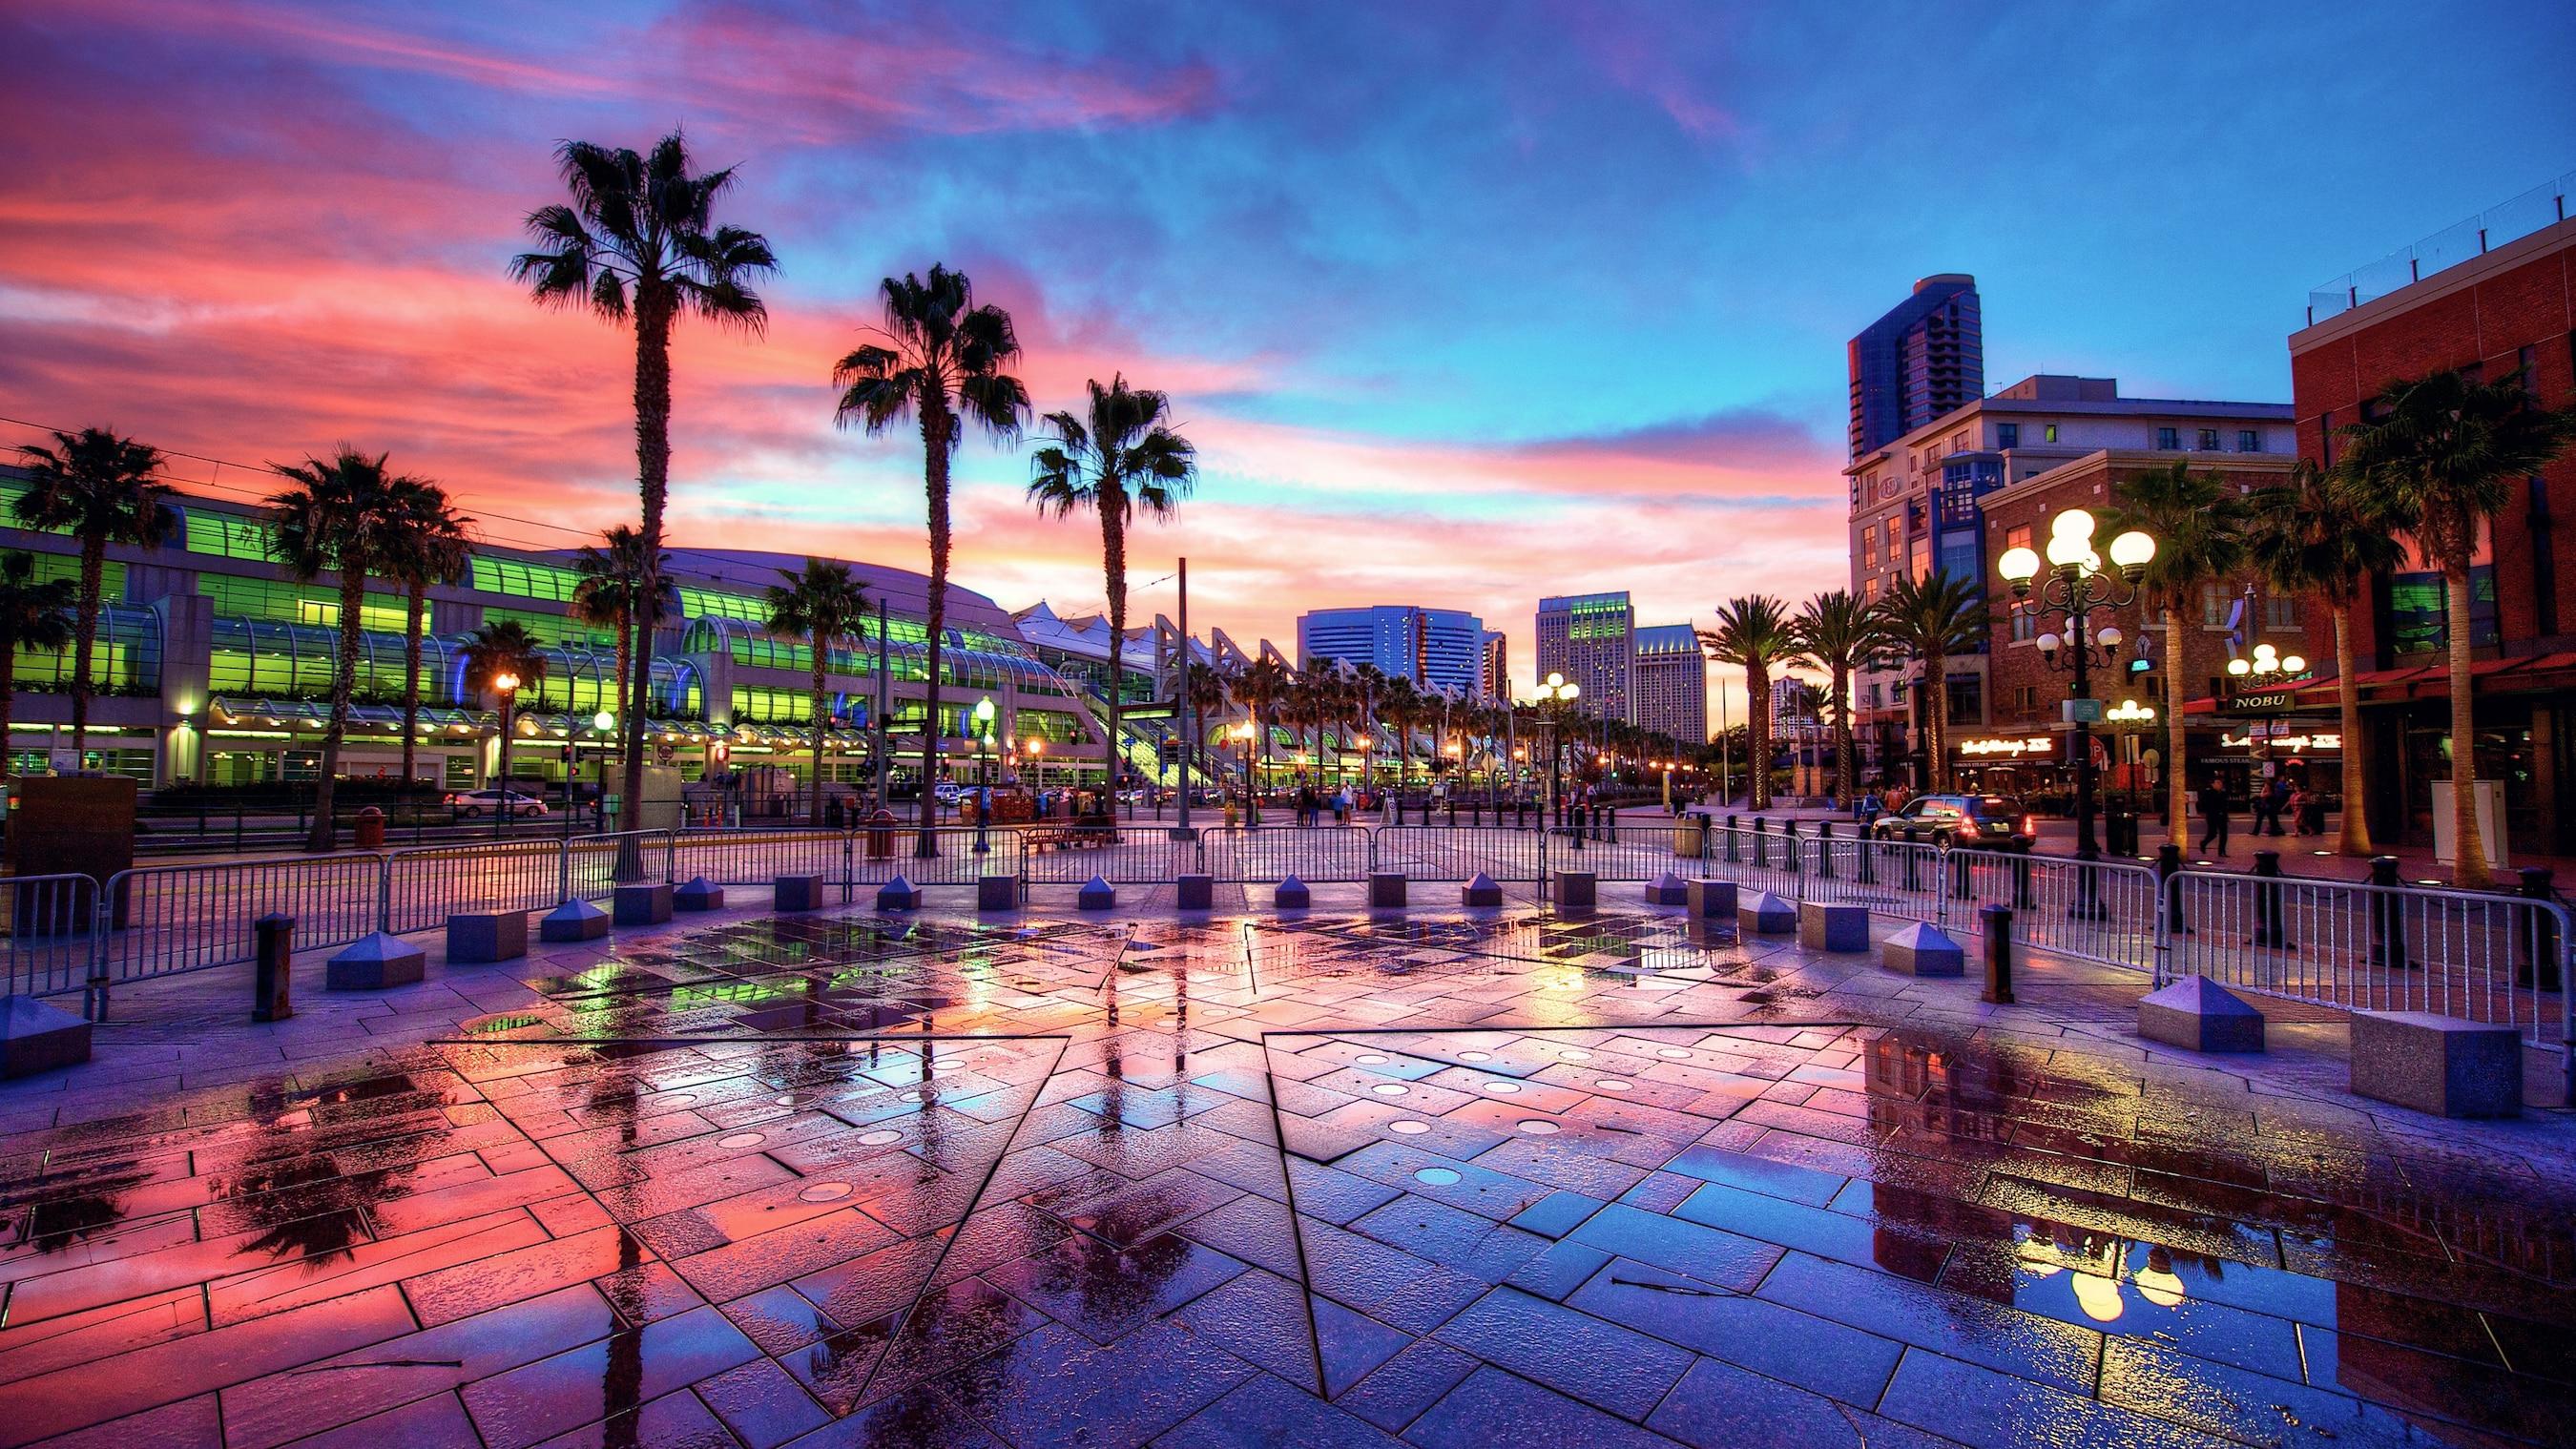 Bello atardecer sobre los edificios modernos y las palmeras de San Diego, California.